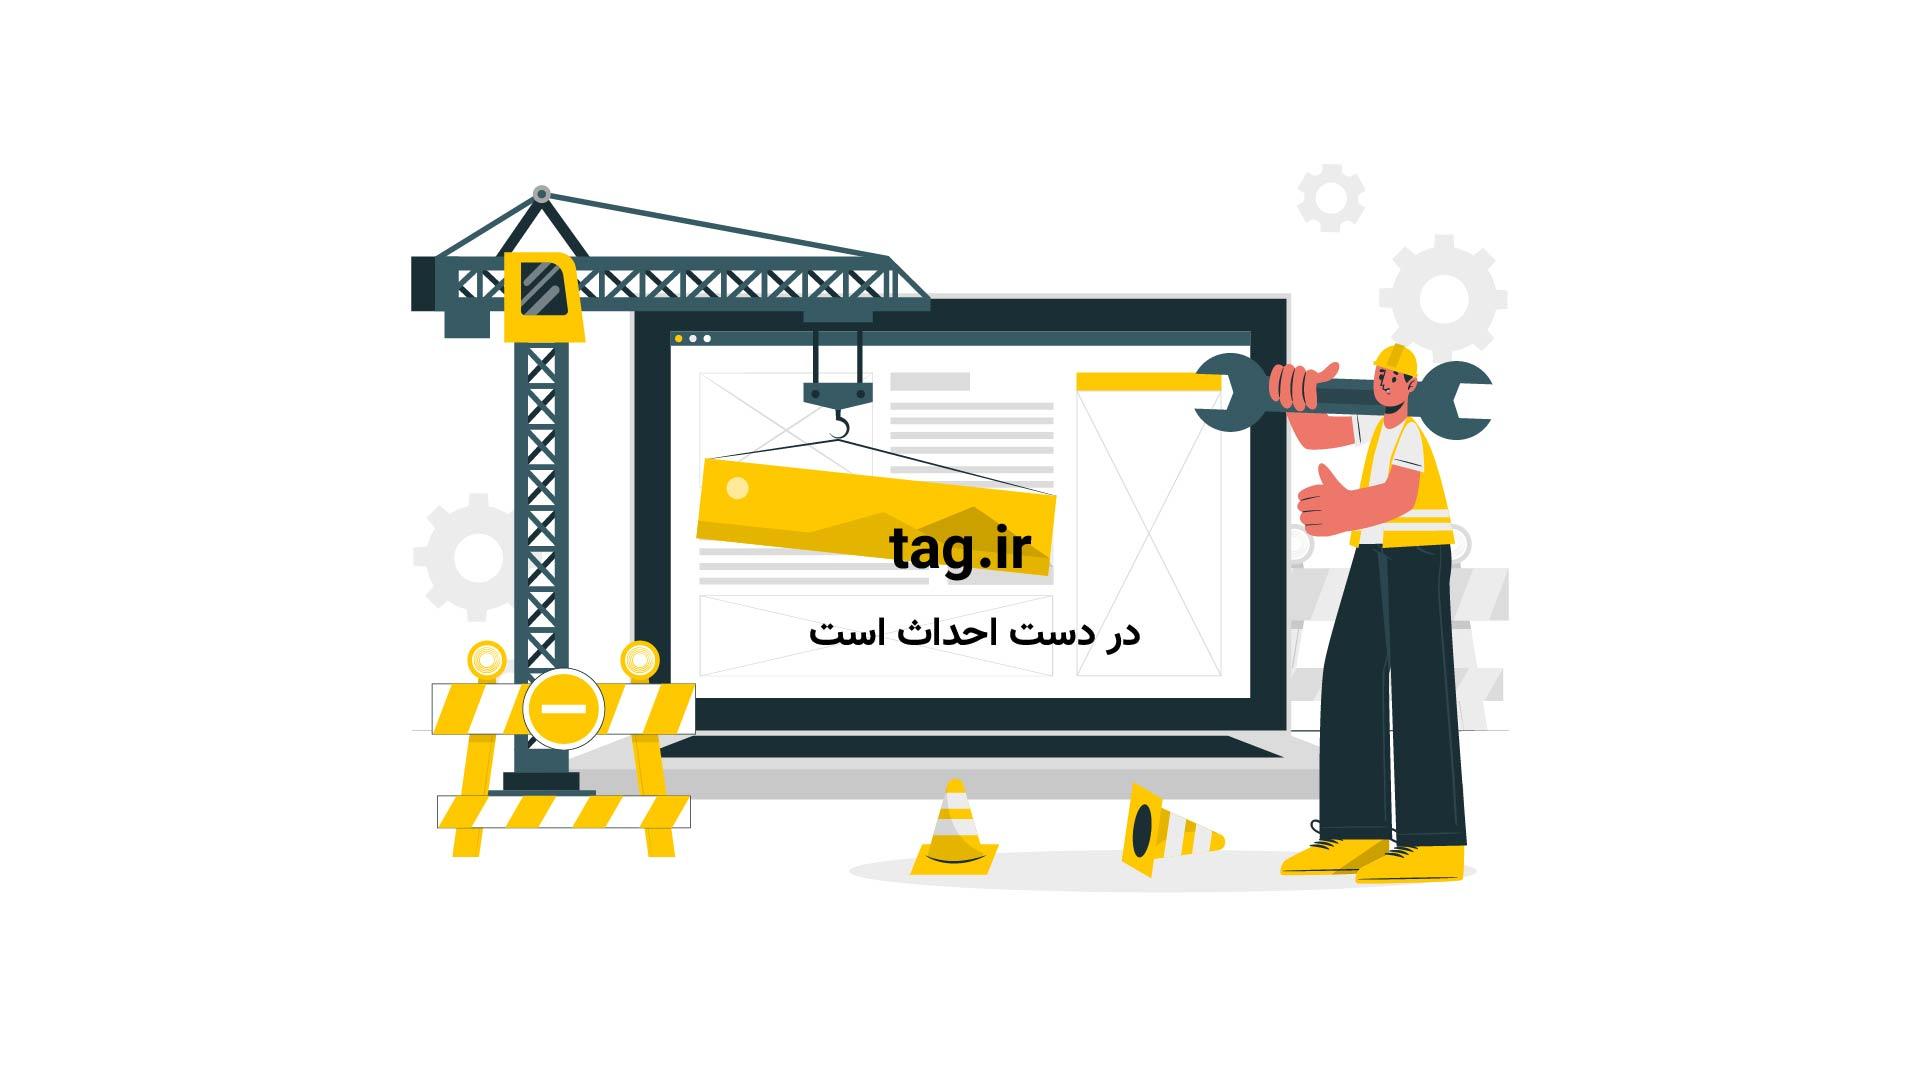 خداحافظی اوباما با فیلم واقعیت مجازی گردش در کاخ سفید | فیلم